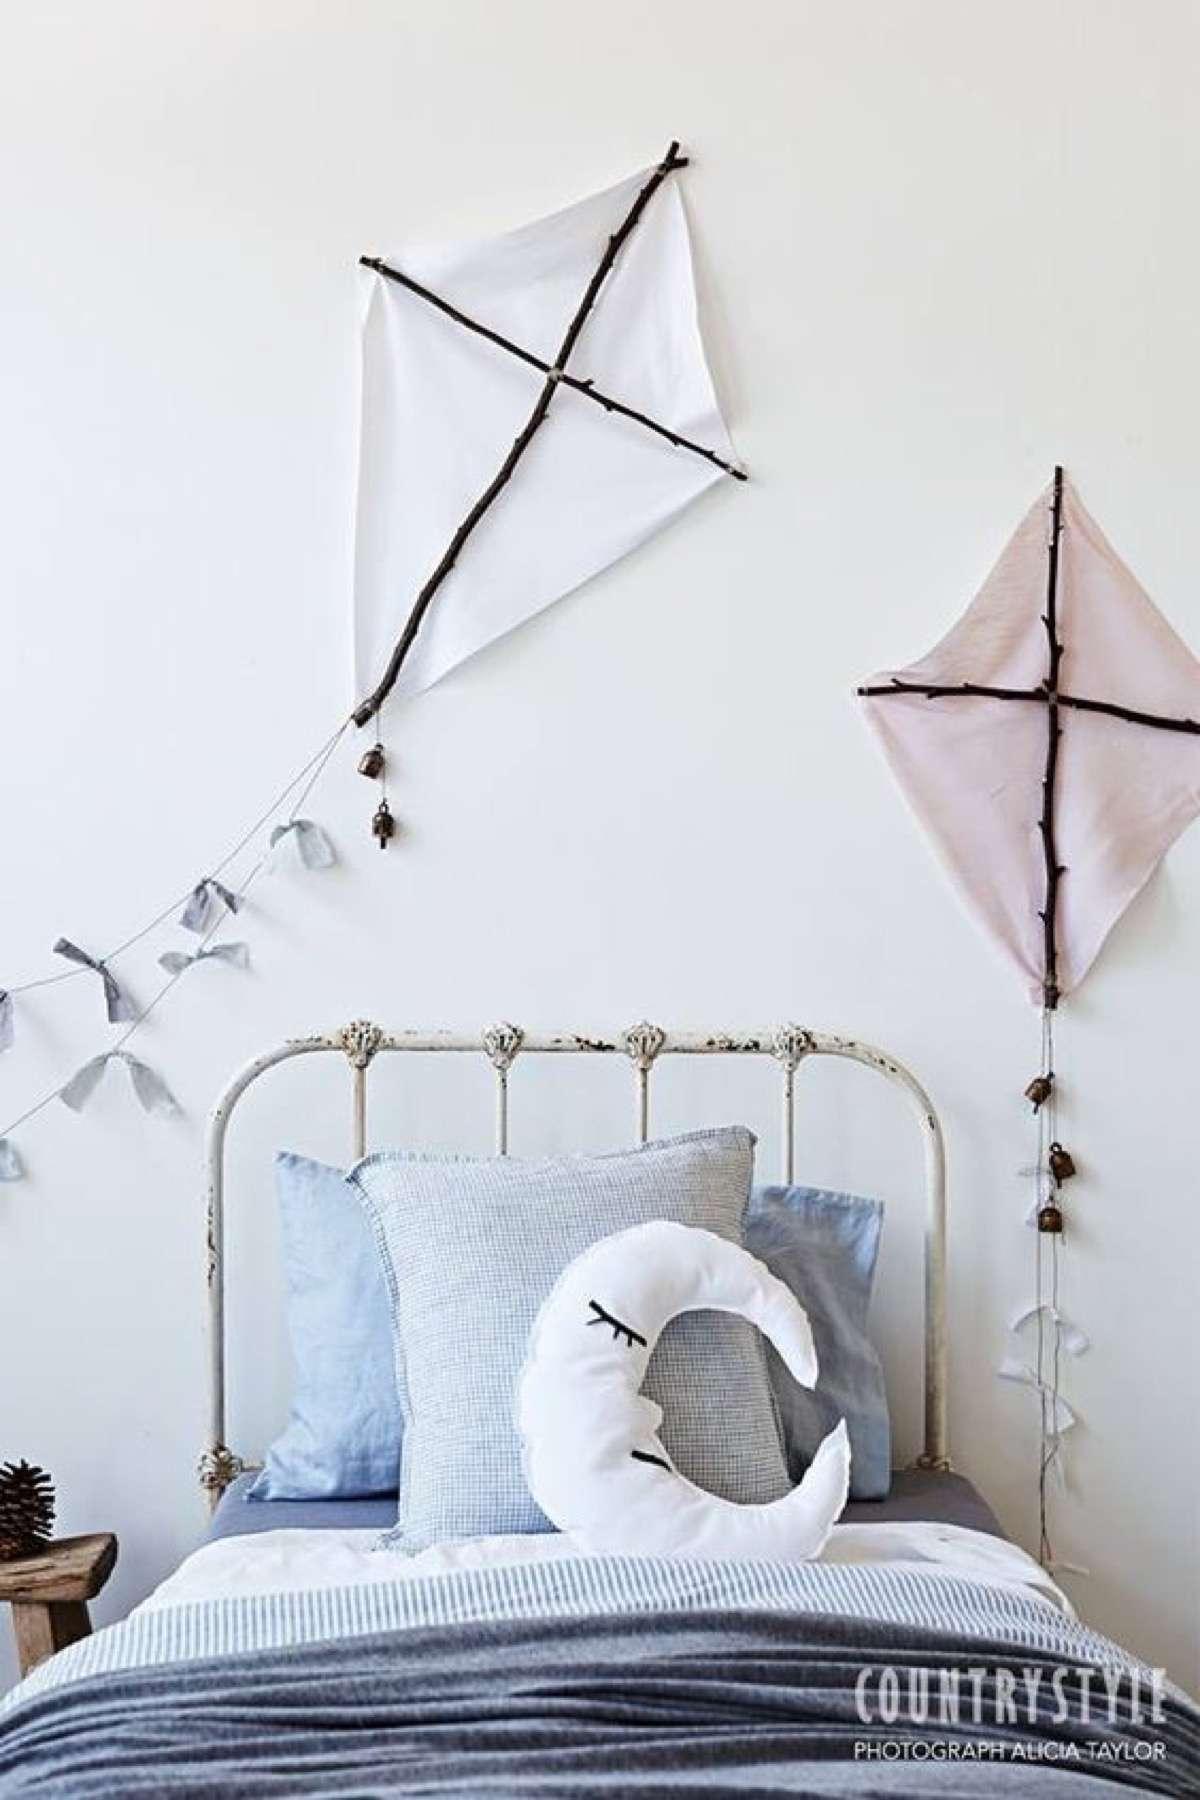 DIY kite art